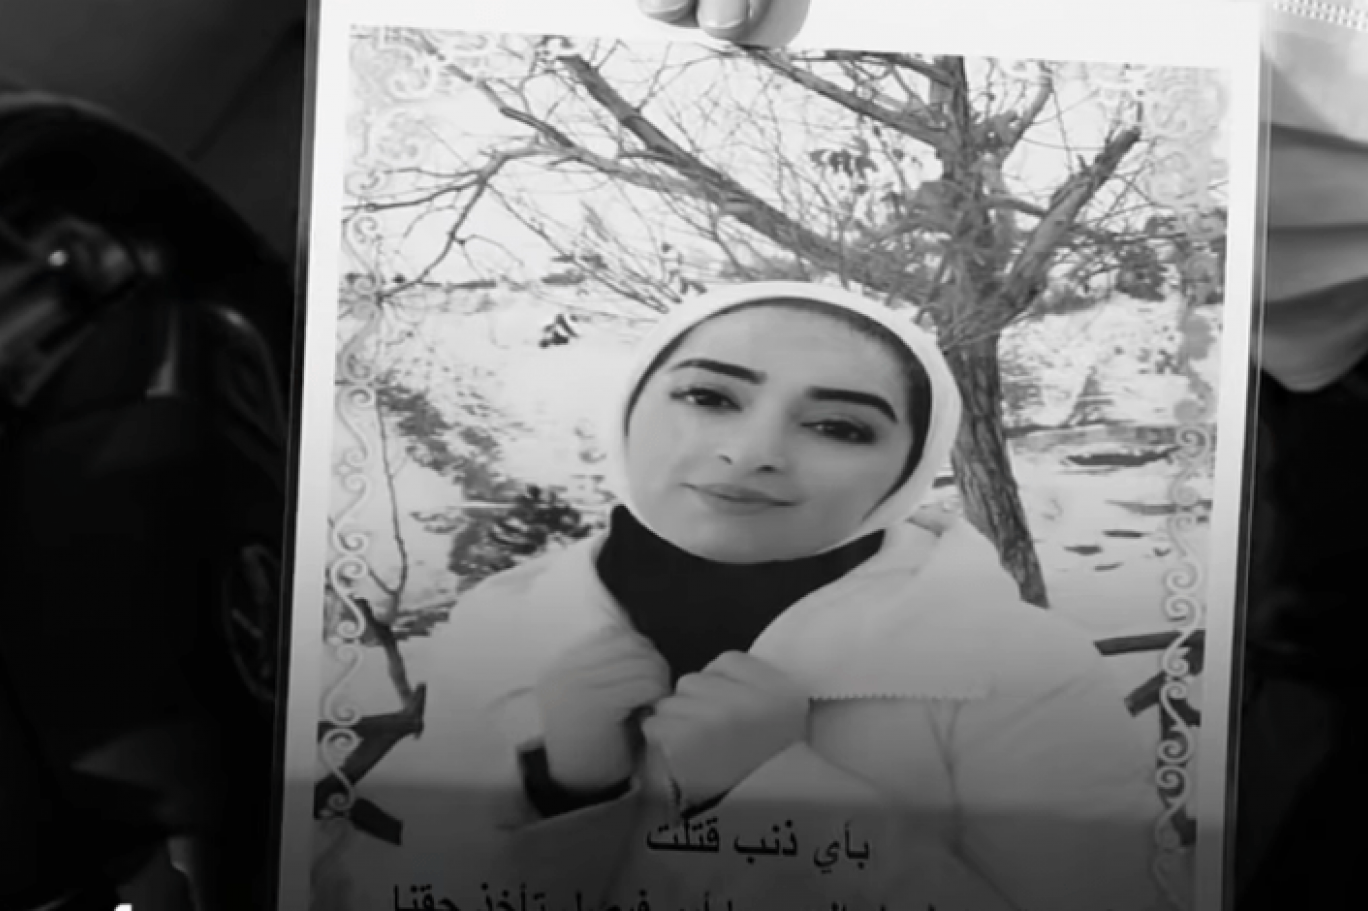 صورة من تظاهرة شهدتها أروقة المحكمة في الجلسة الأولى طالبت بإيقاع حكم الإعدام على الجاني (مواقع التواصل الاجتماعي).png